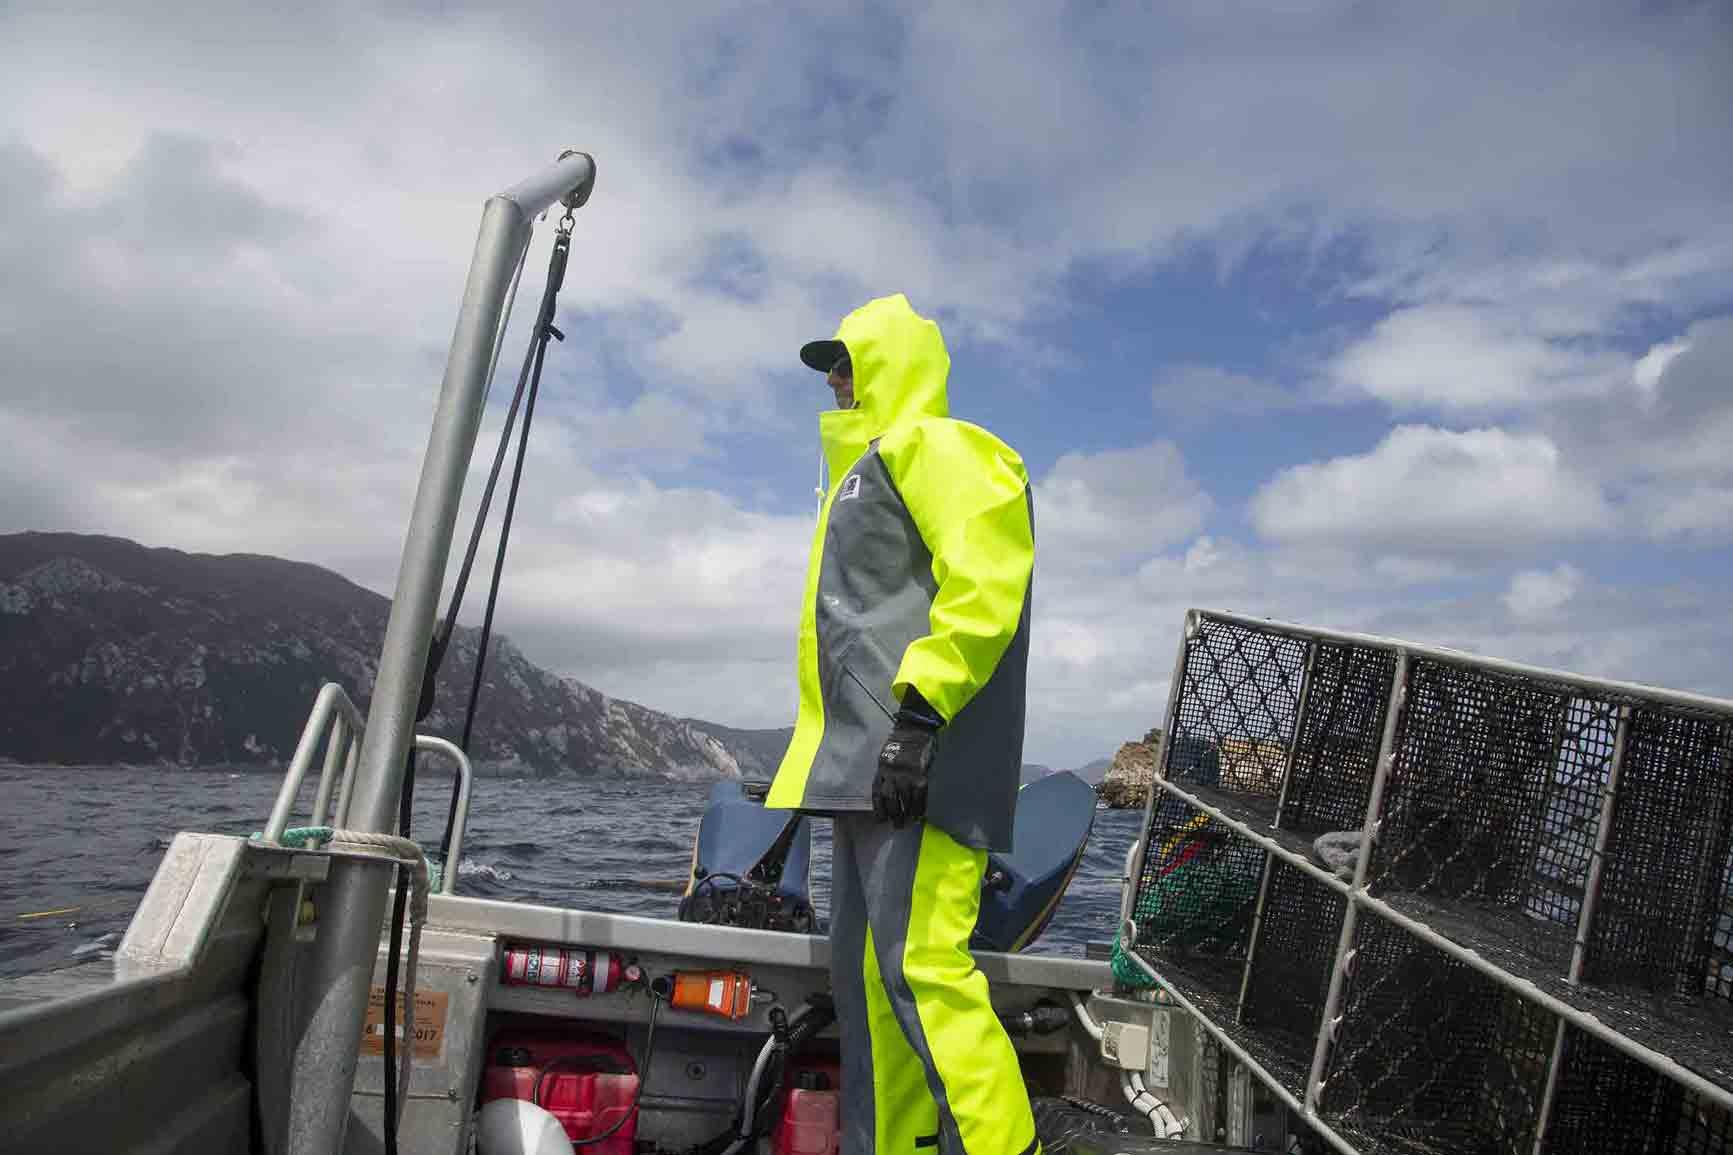 Fisherman wearing commercial rain gear on a boat